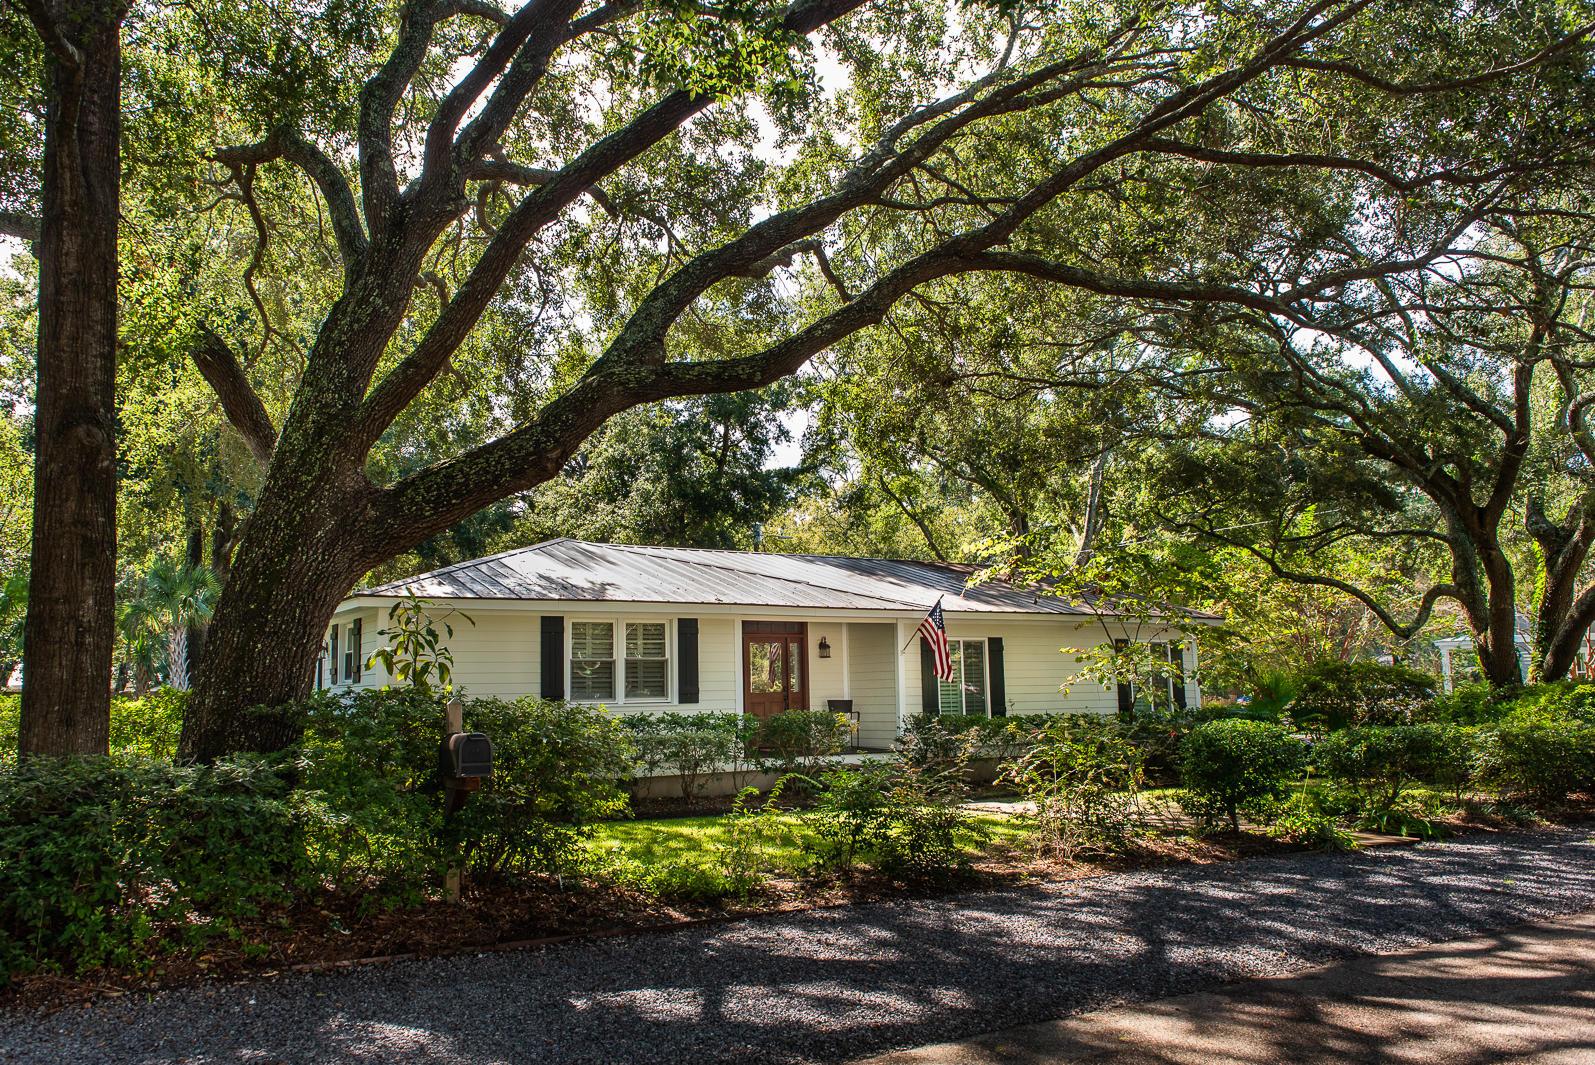 Old Mt Pleasant Homes For Sale - 1344 Fairmont, Mount Pleasant, SC - 4